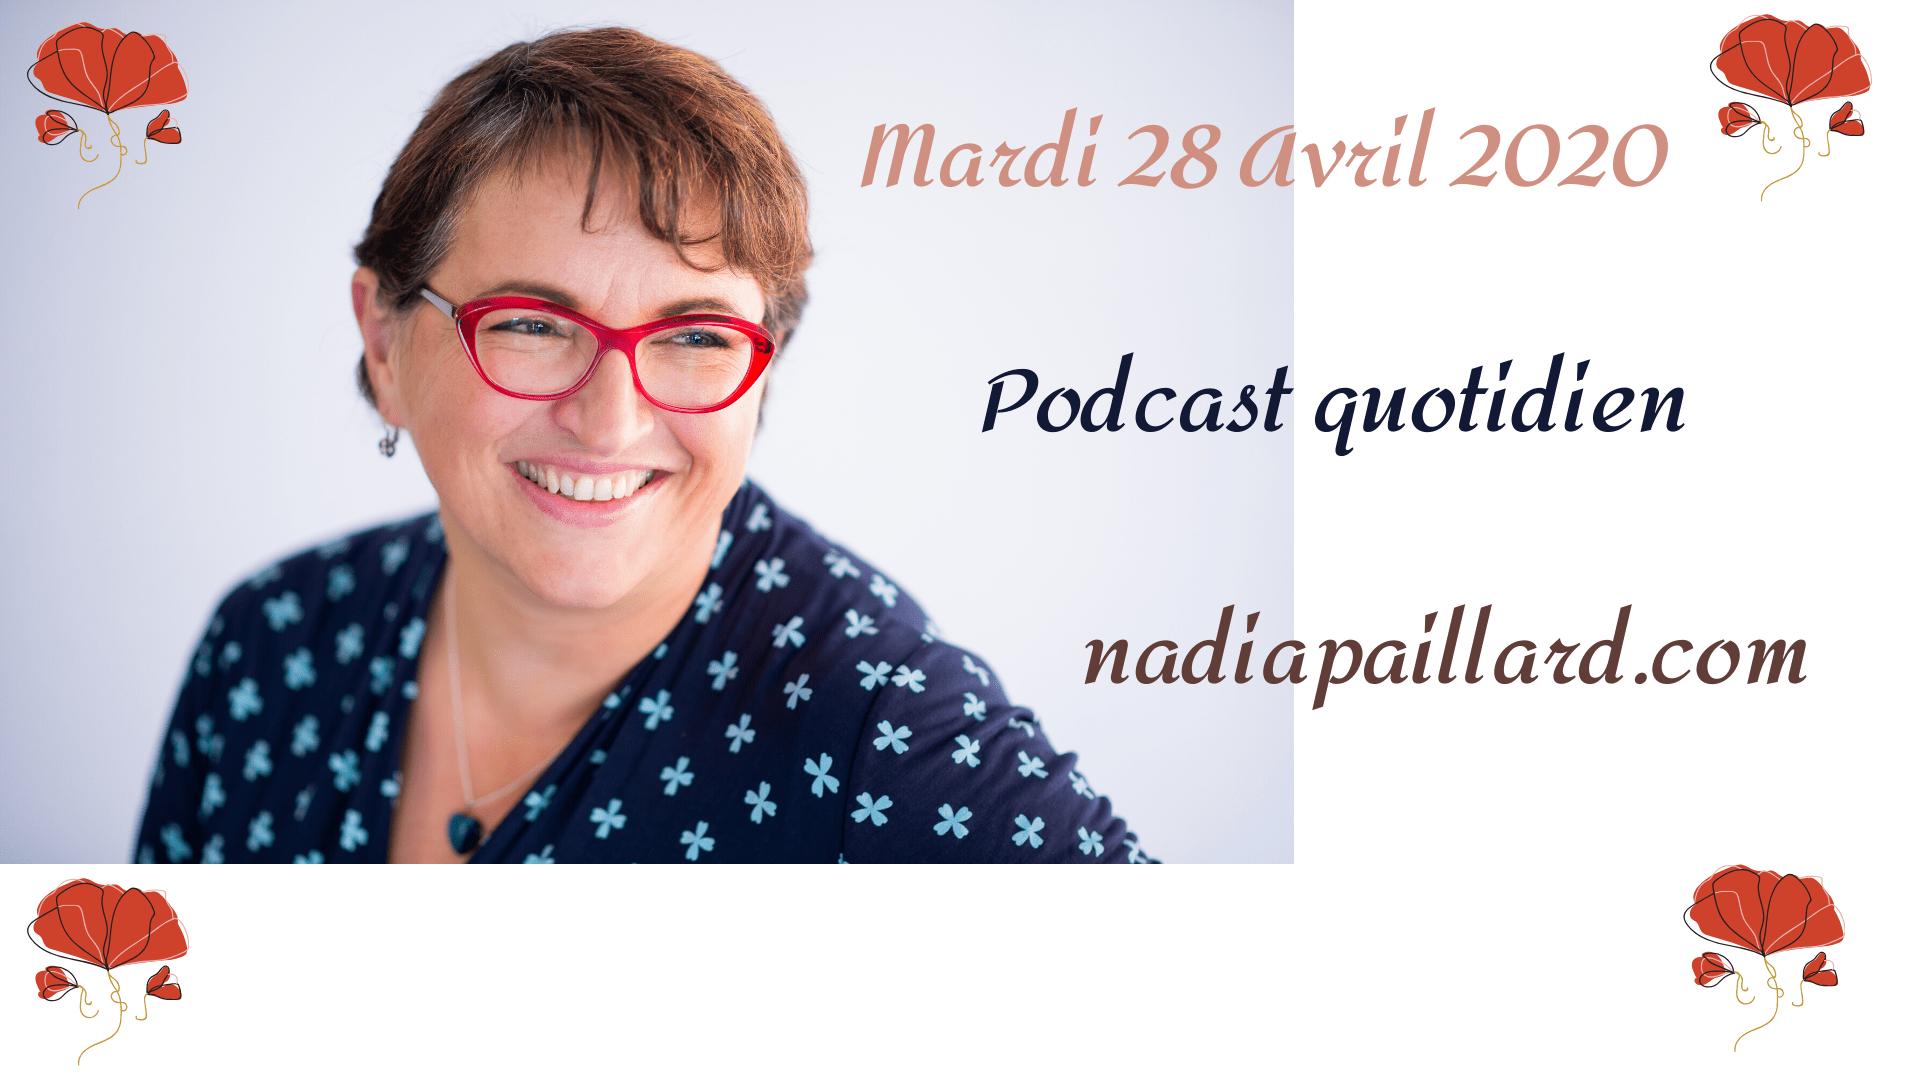 Podcast-Vidéo,Lecture du jour,Mardi 28 Avril 2020 by Nadia PAILLARD Coach, fêtes à souhaiter, lecture de 2 extraits de livre